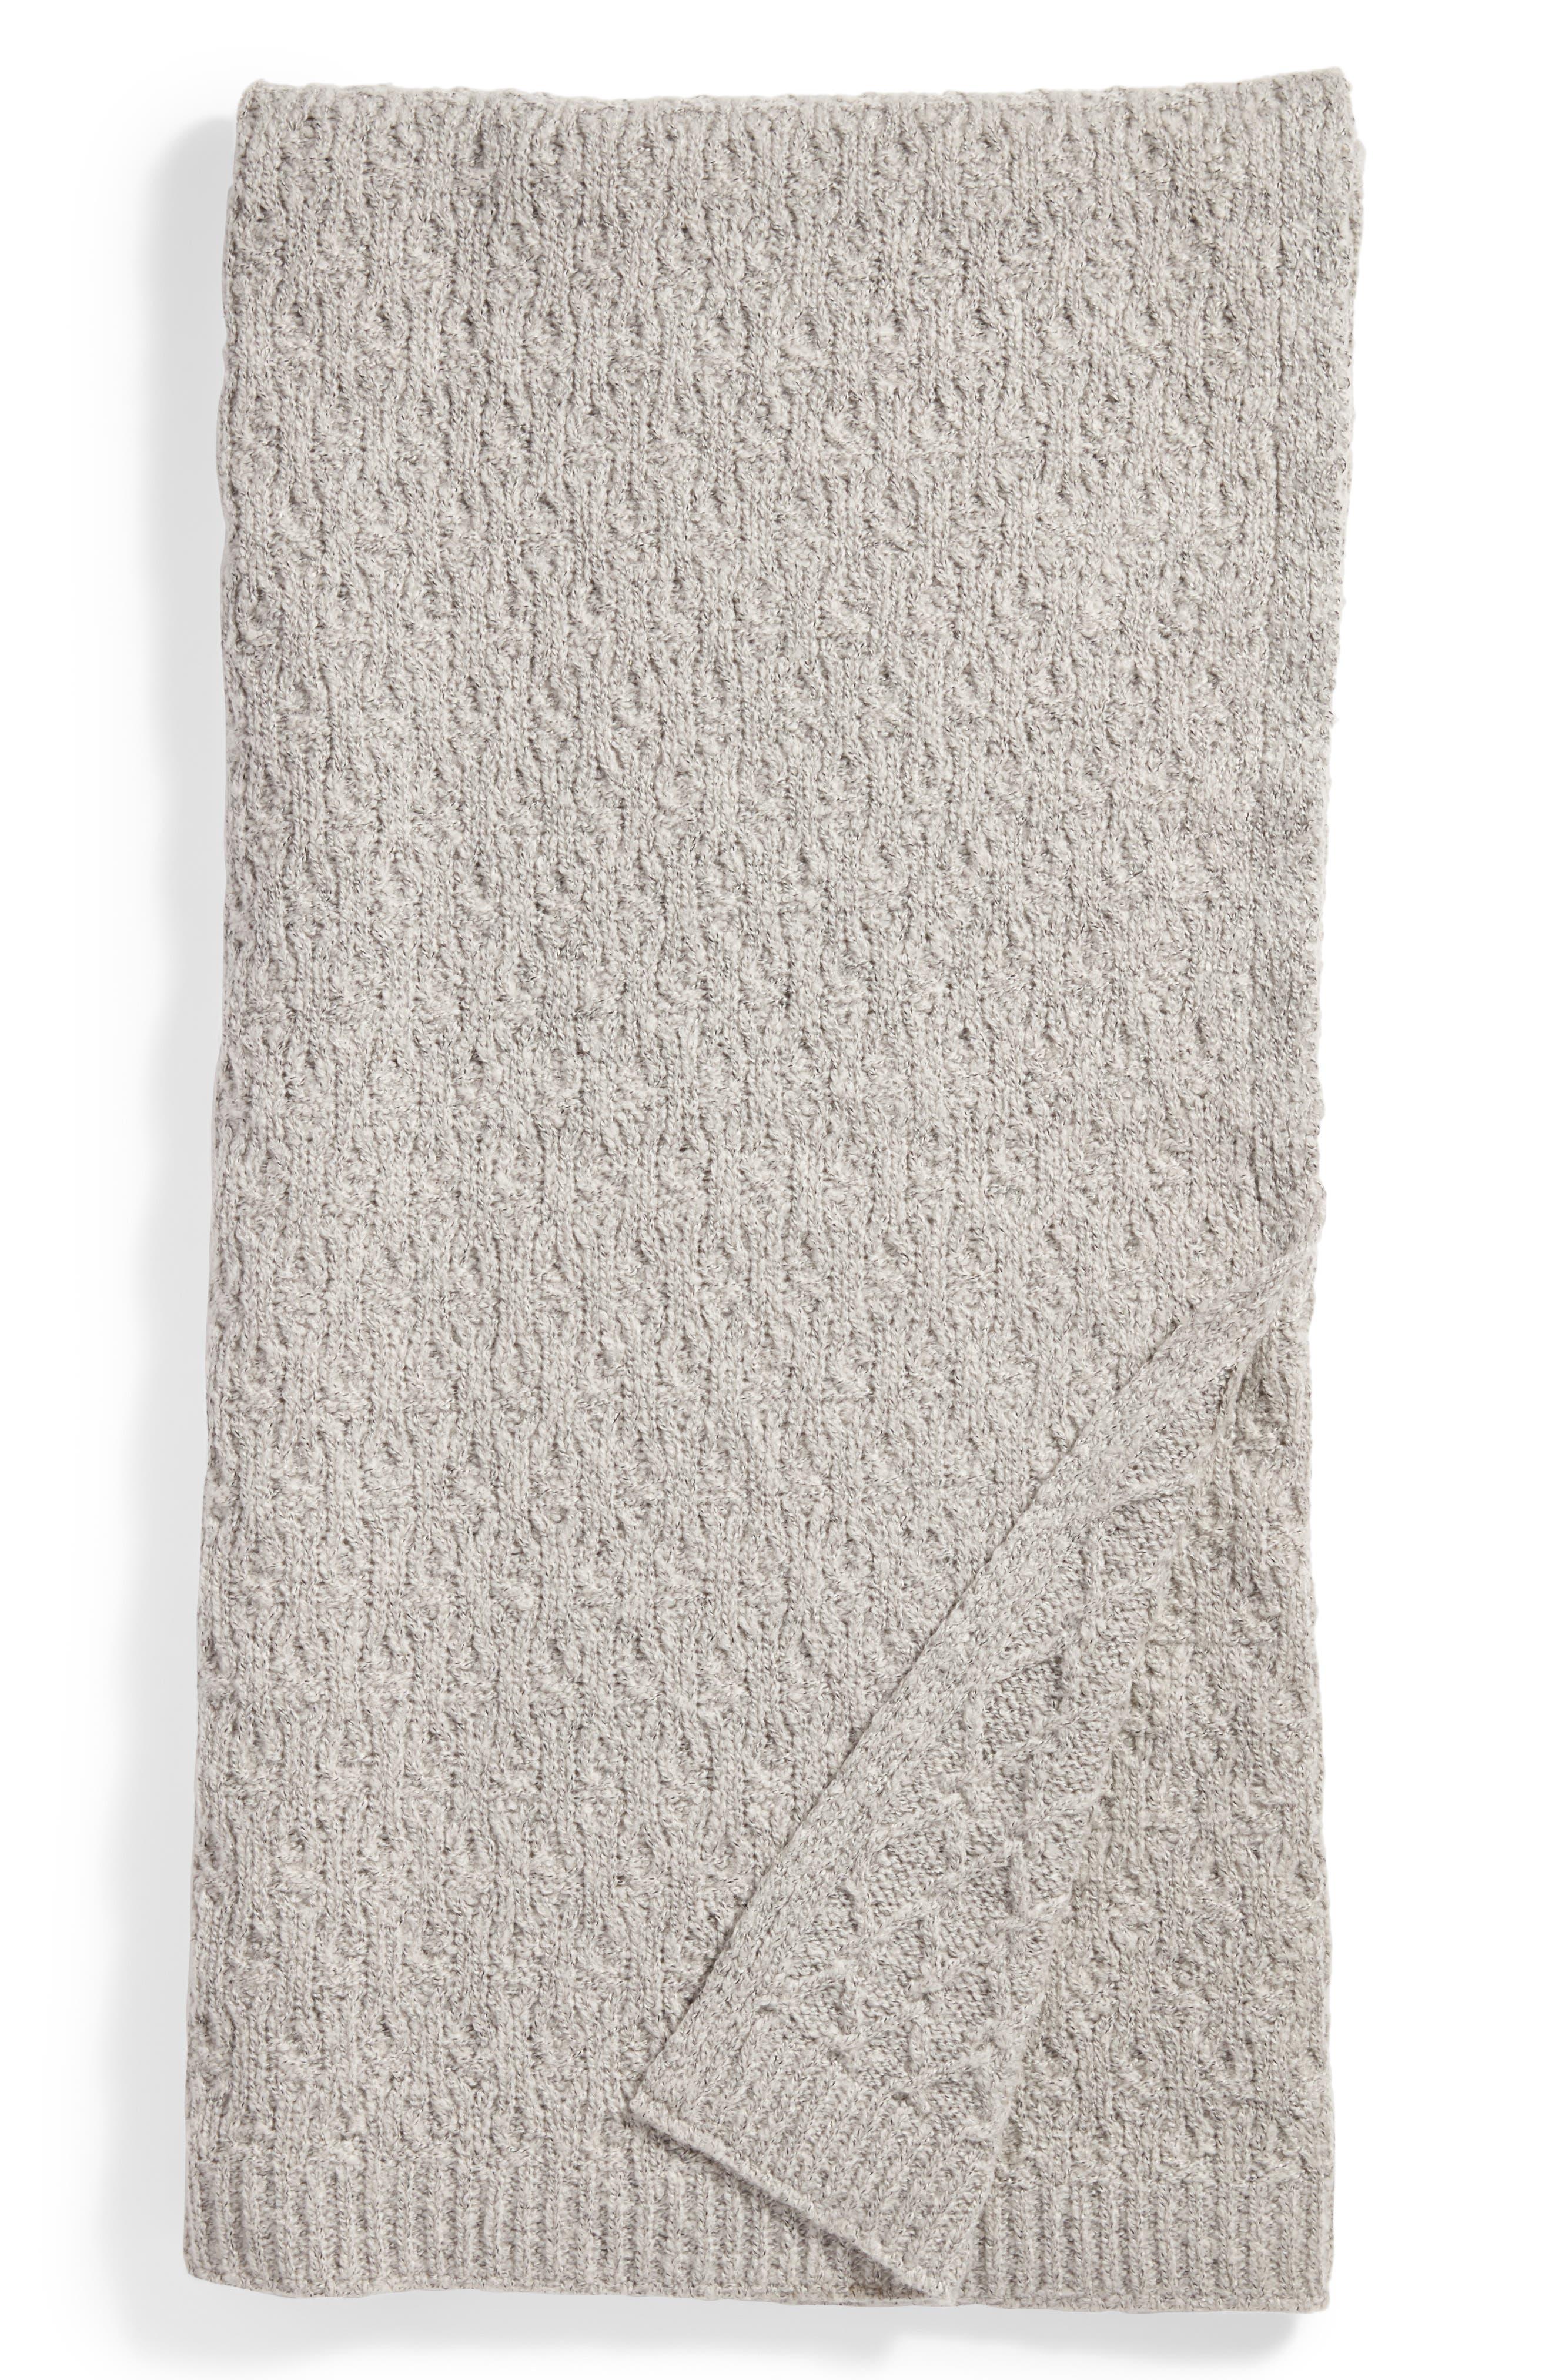 Diamond Knit Throw,                         Main,                         color, 020